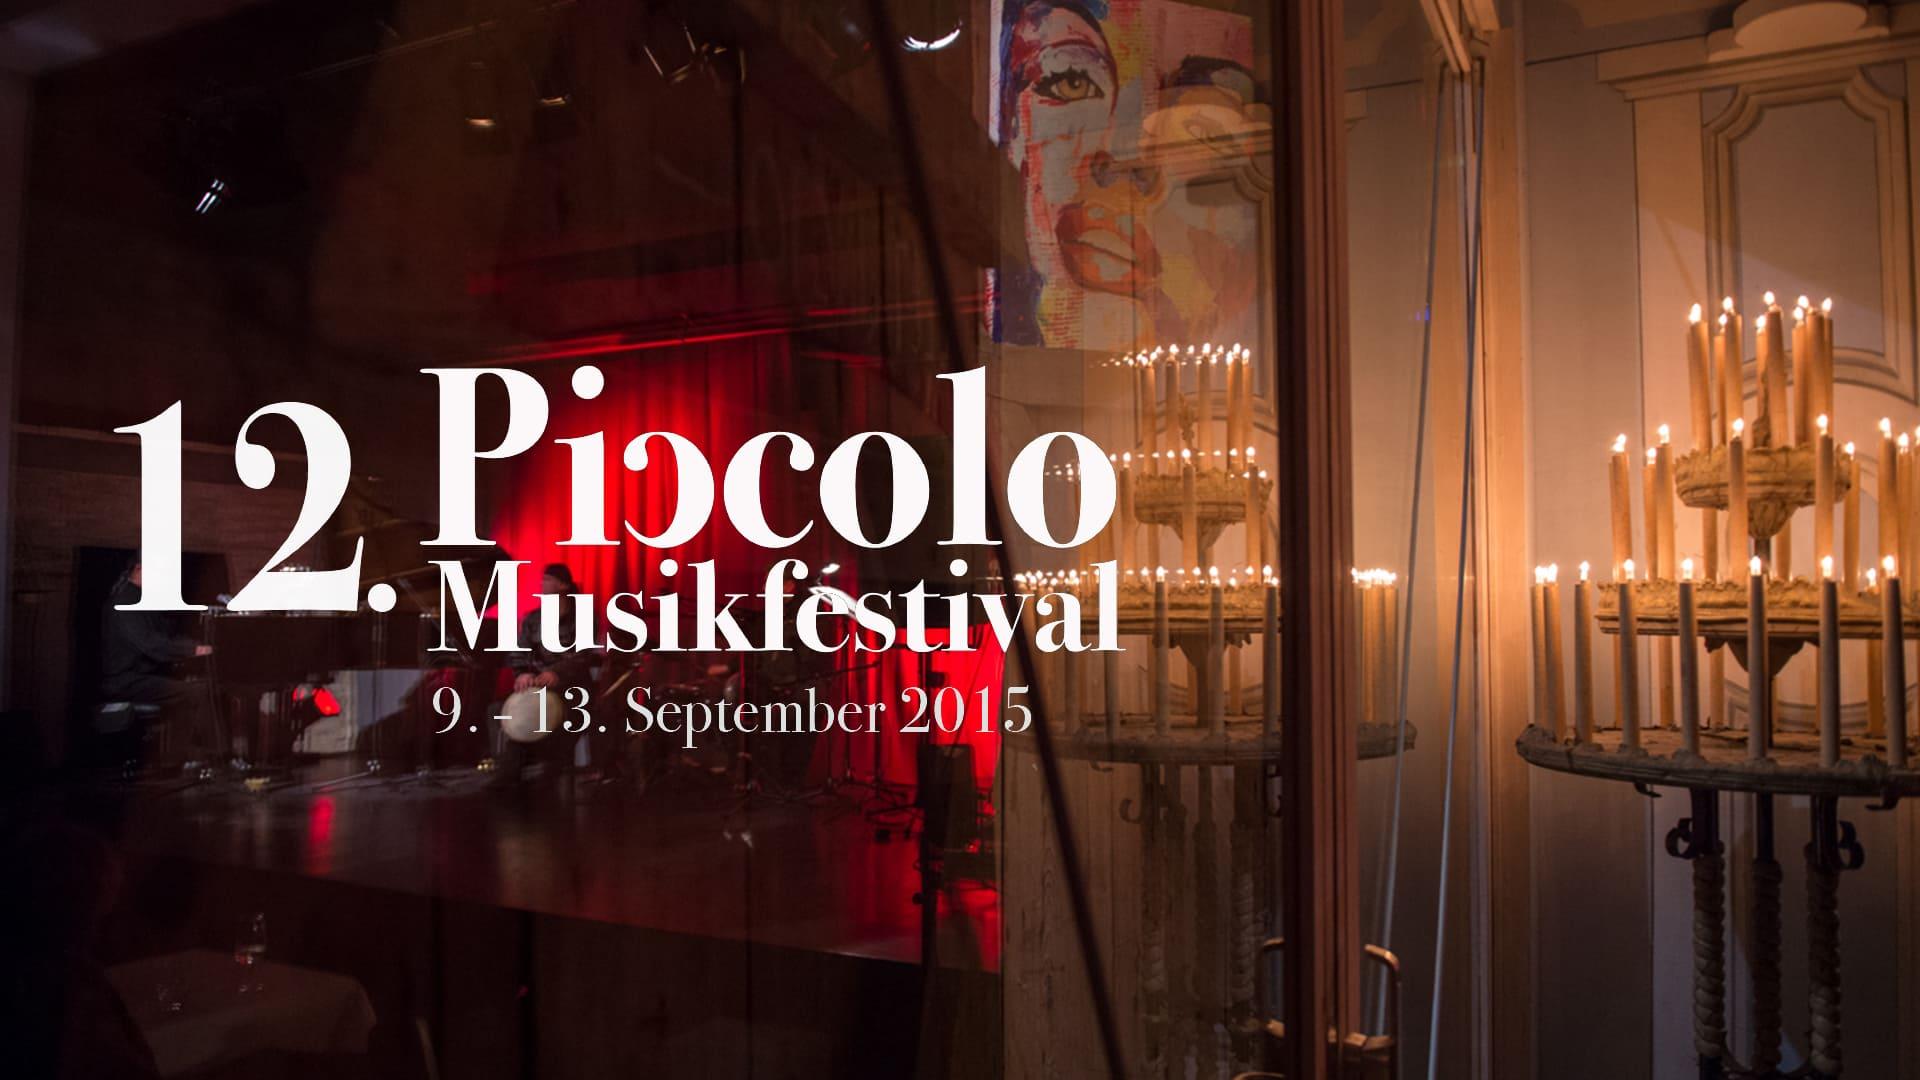 12. Piccolo Musikfestival 2015